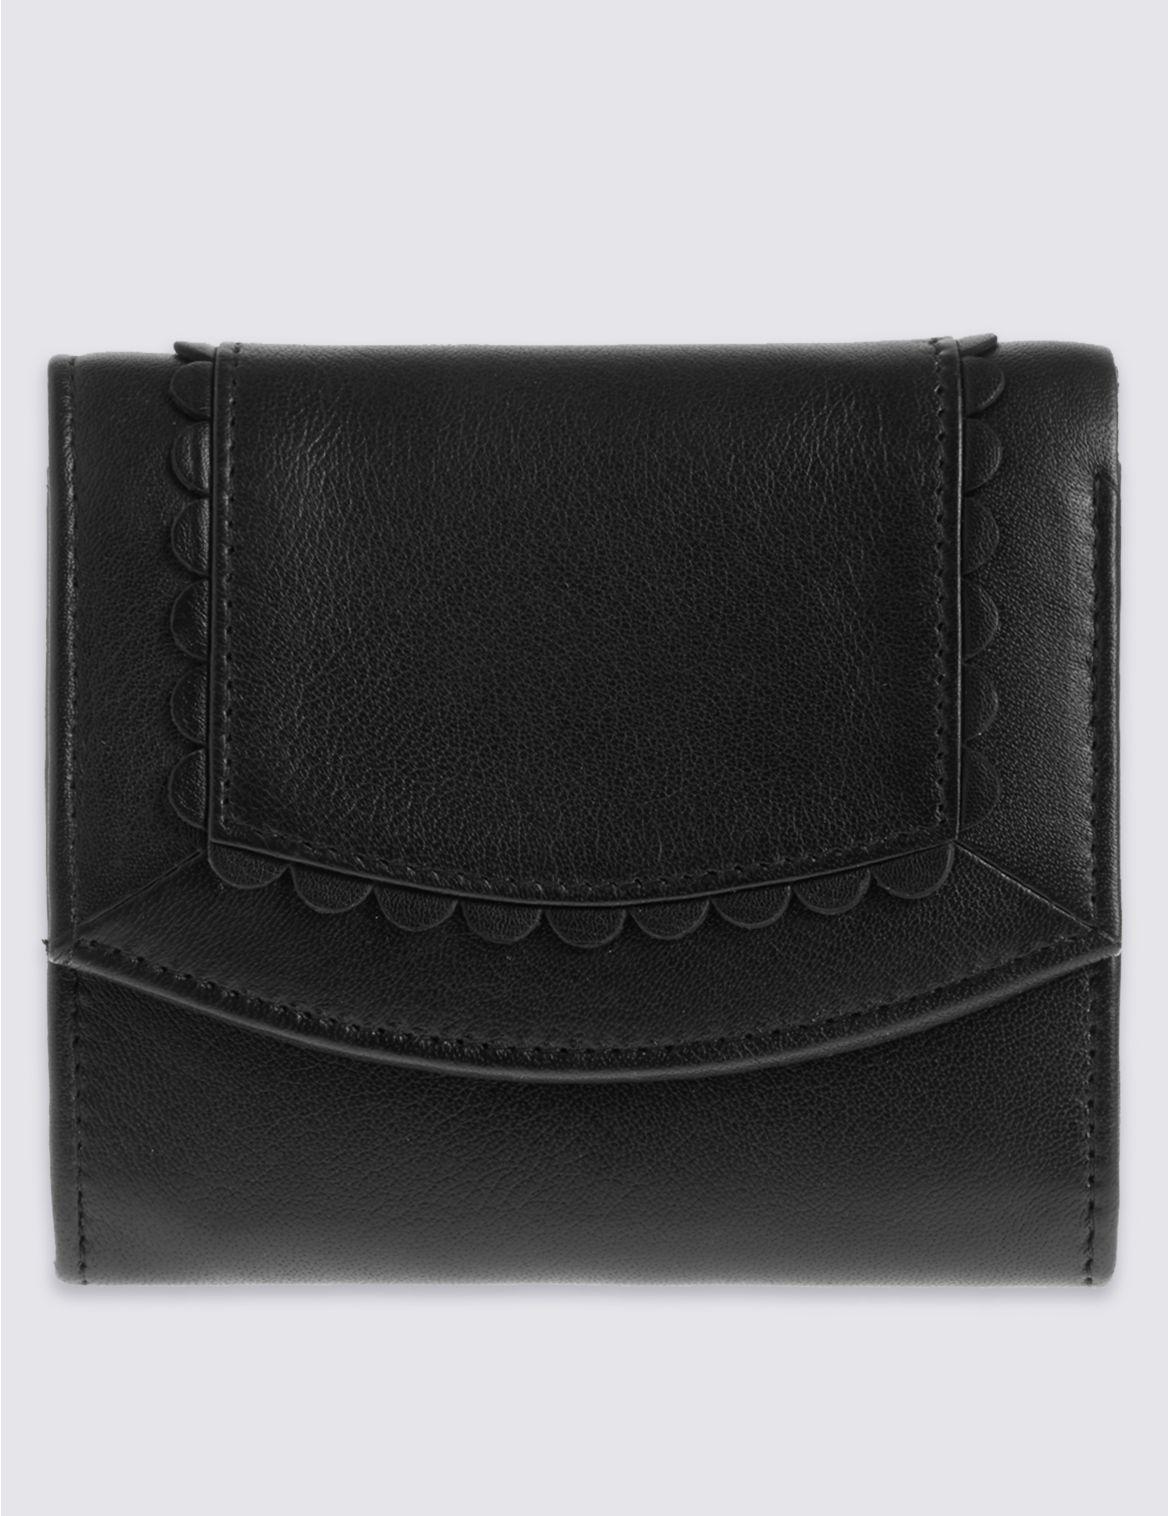 Porte-monnaie en cuir festonné à motif rayon de soleil, doté de la technologie Cardsafe™